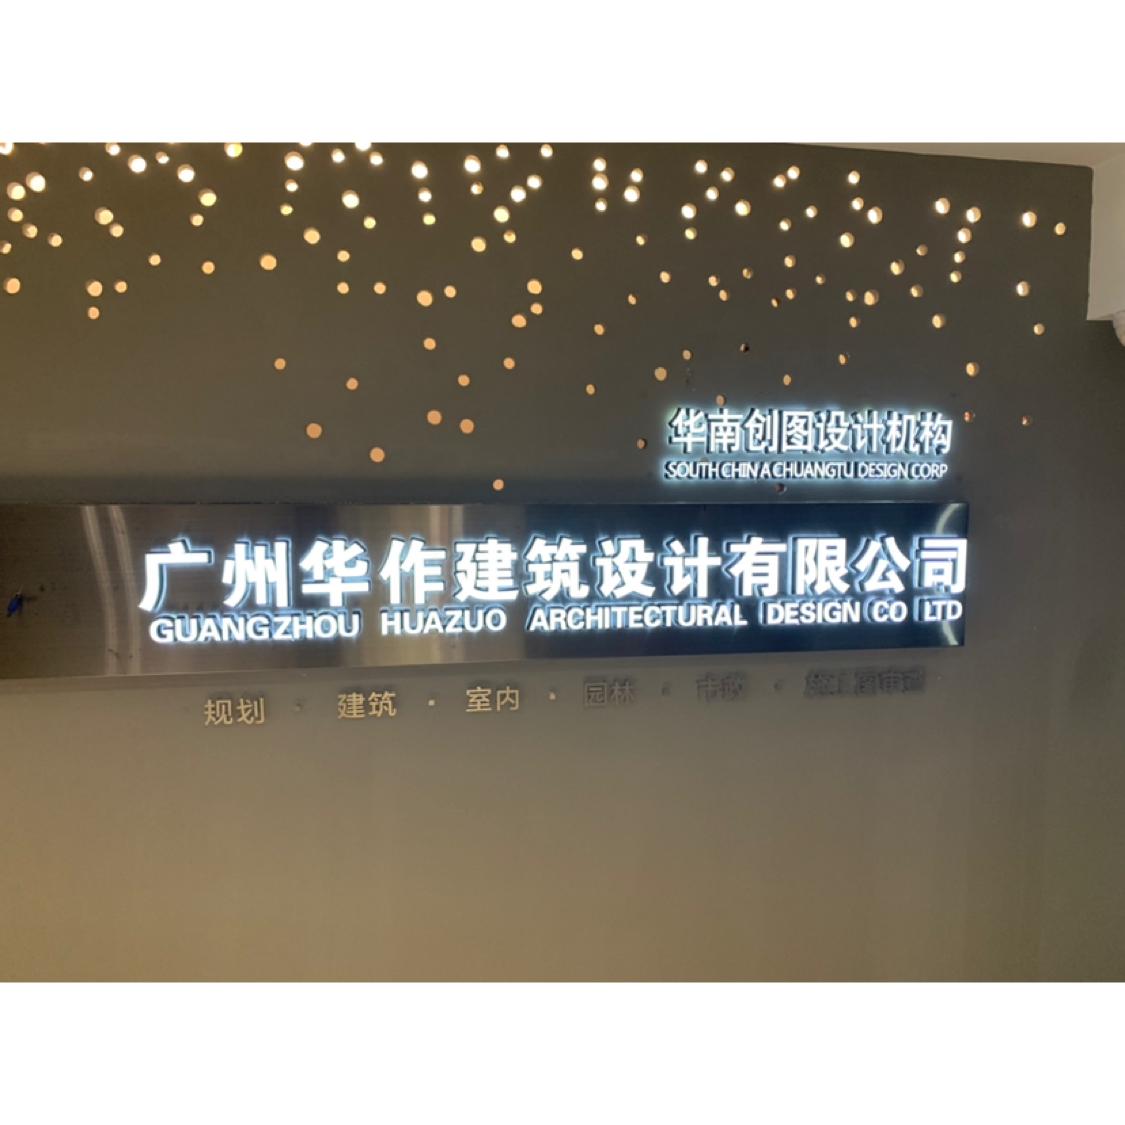 廣州華作建筑設計有限公司